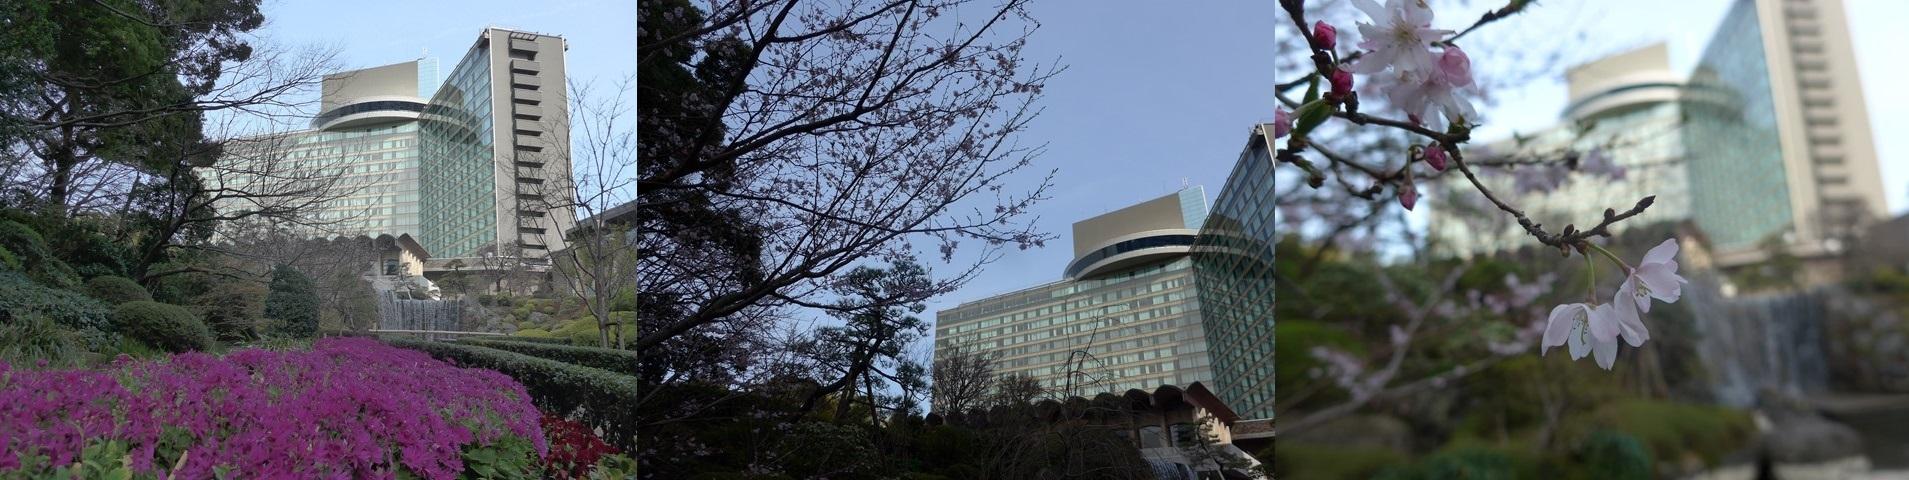 長氏の戦い続ける40年、全日病総会、そして「生活」安心のために_b0115629_19375480.jpg